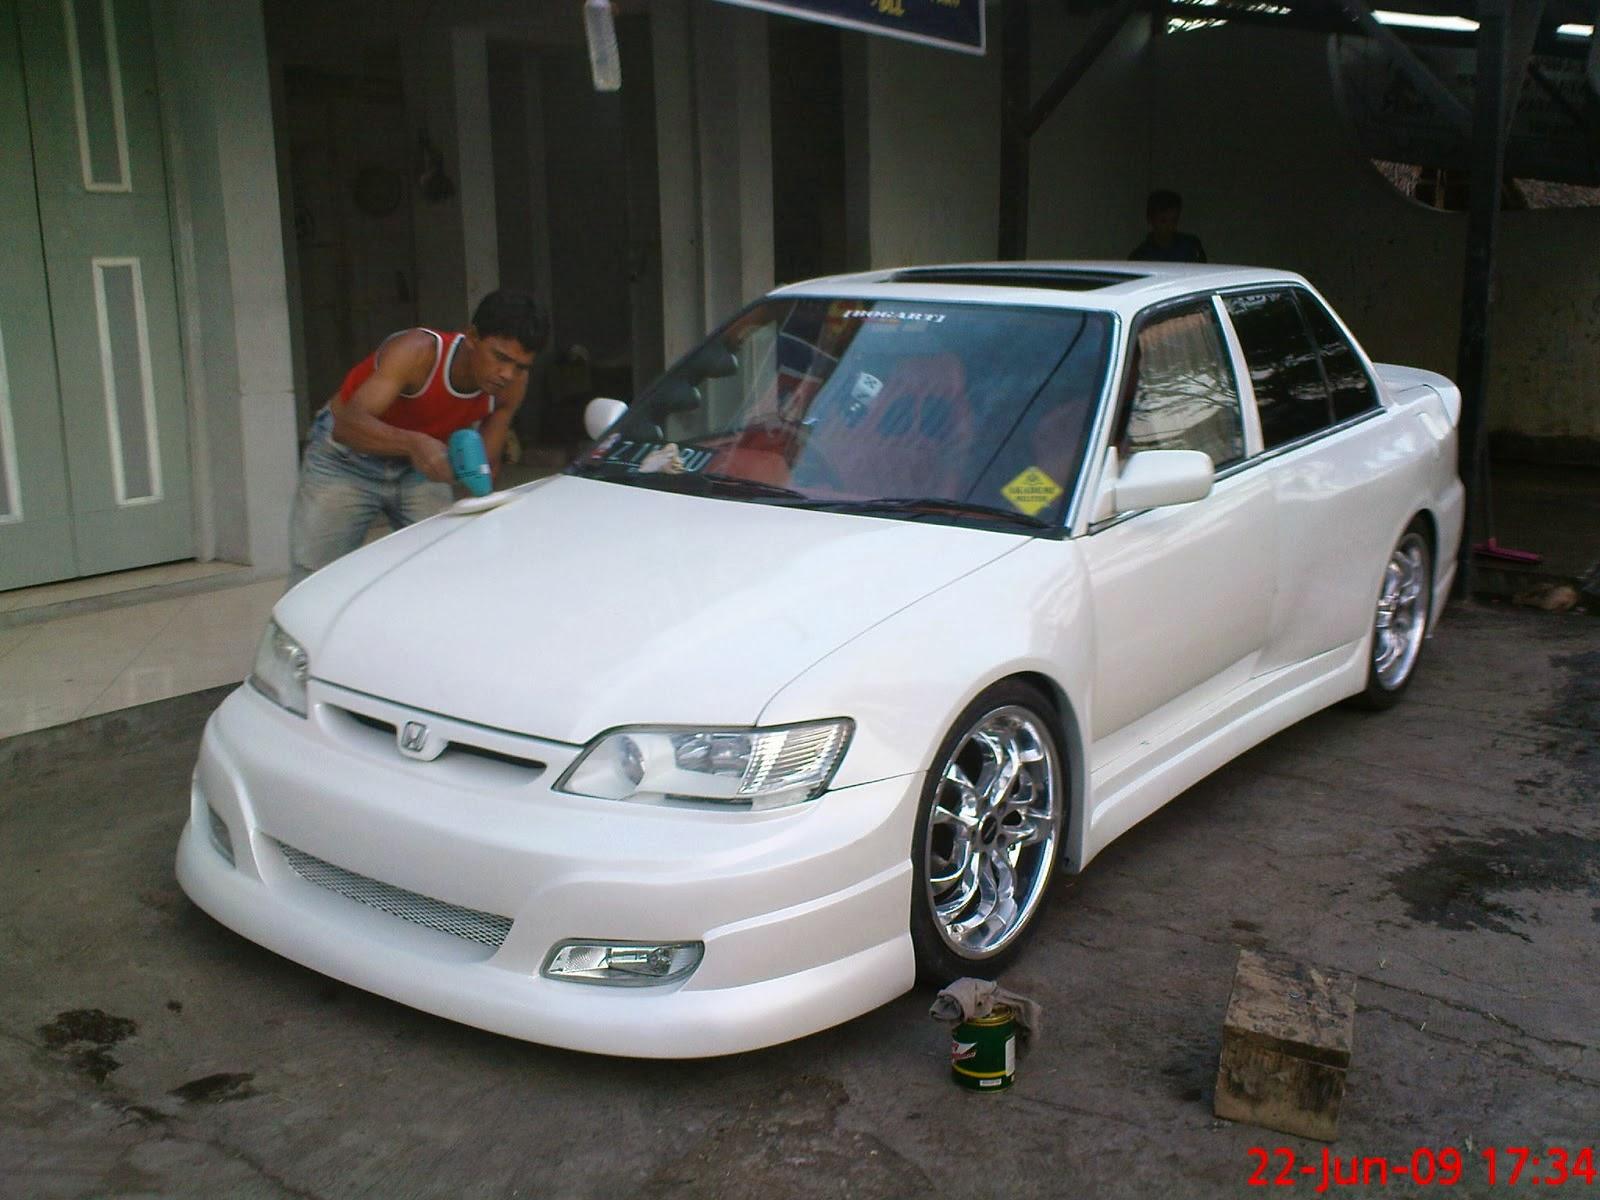 Modif Mobil Honda Civic Lama